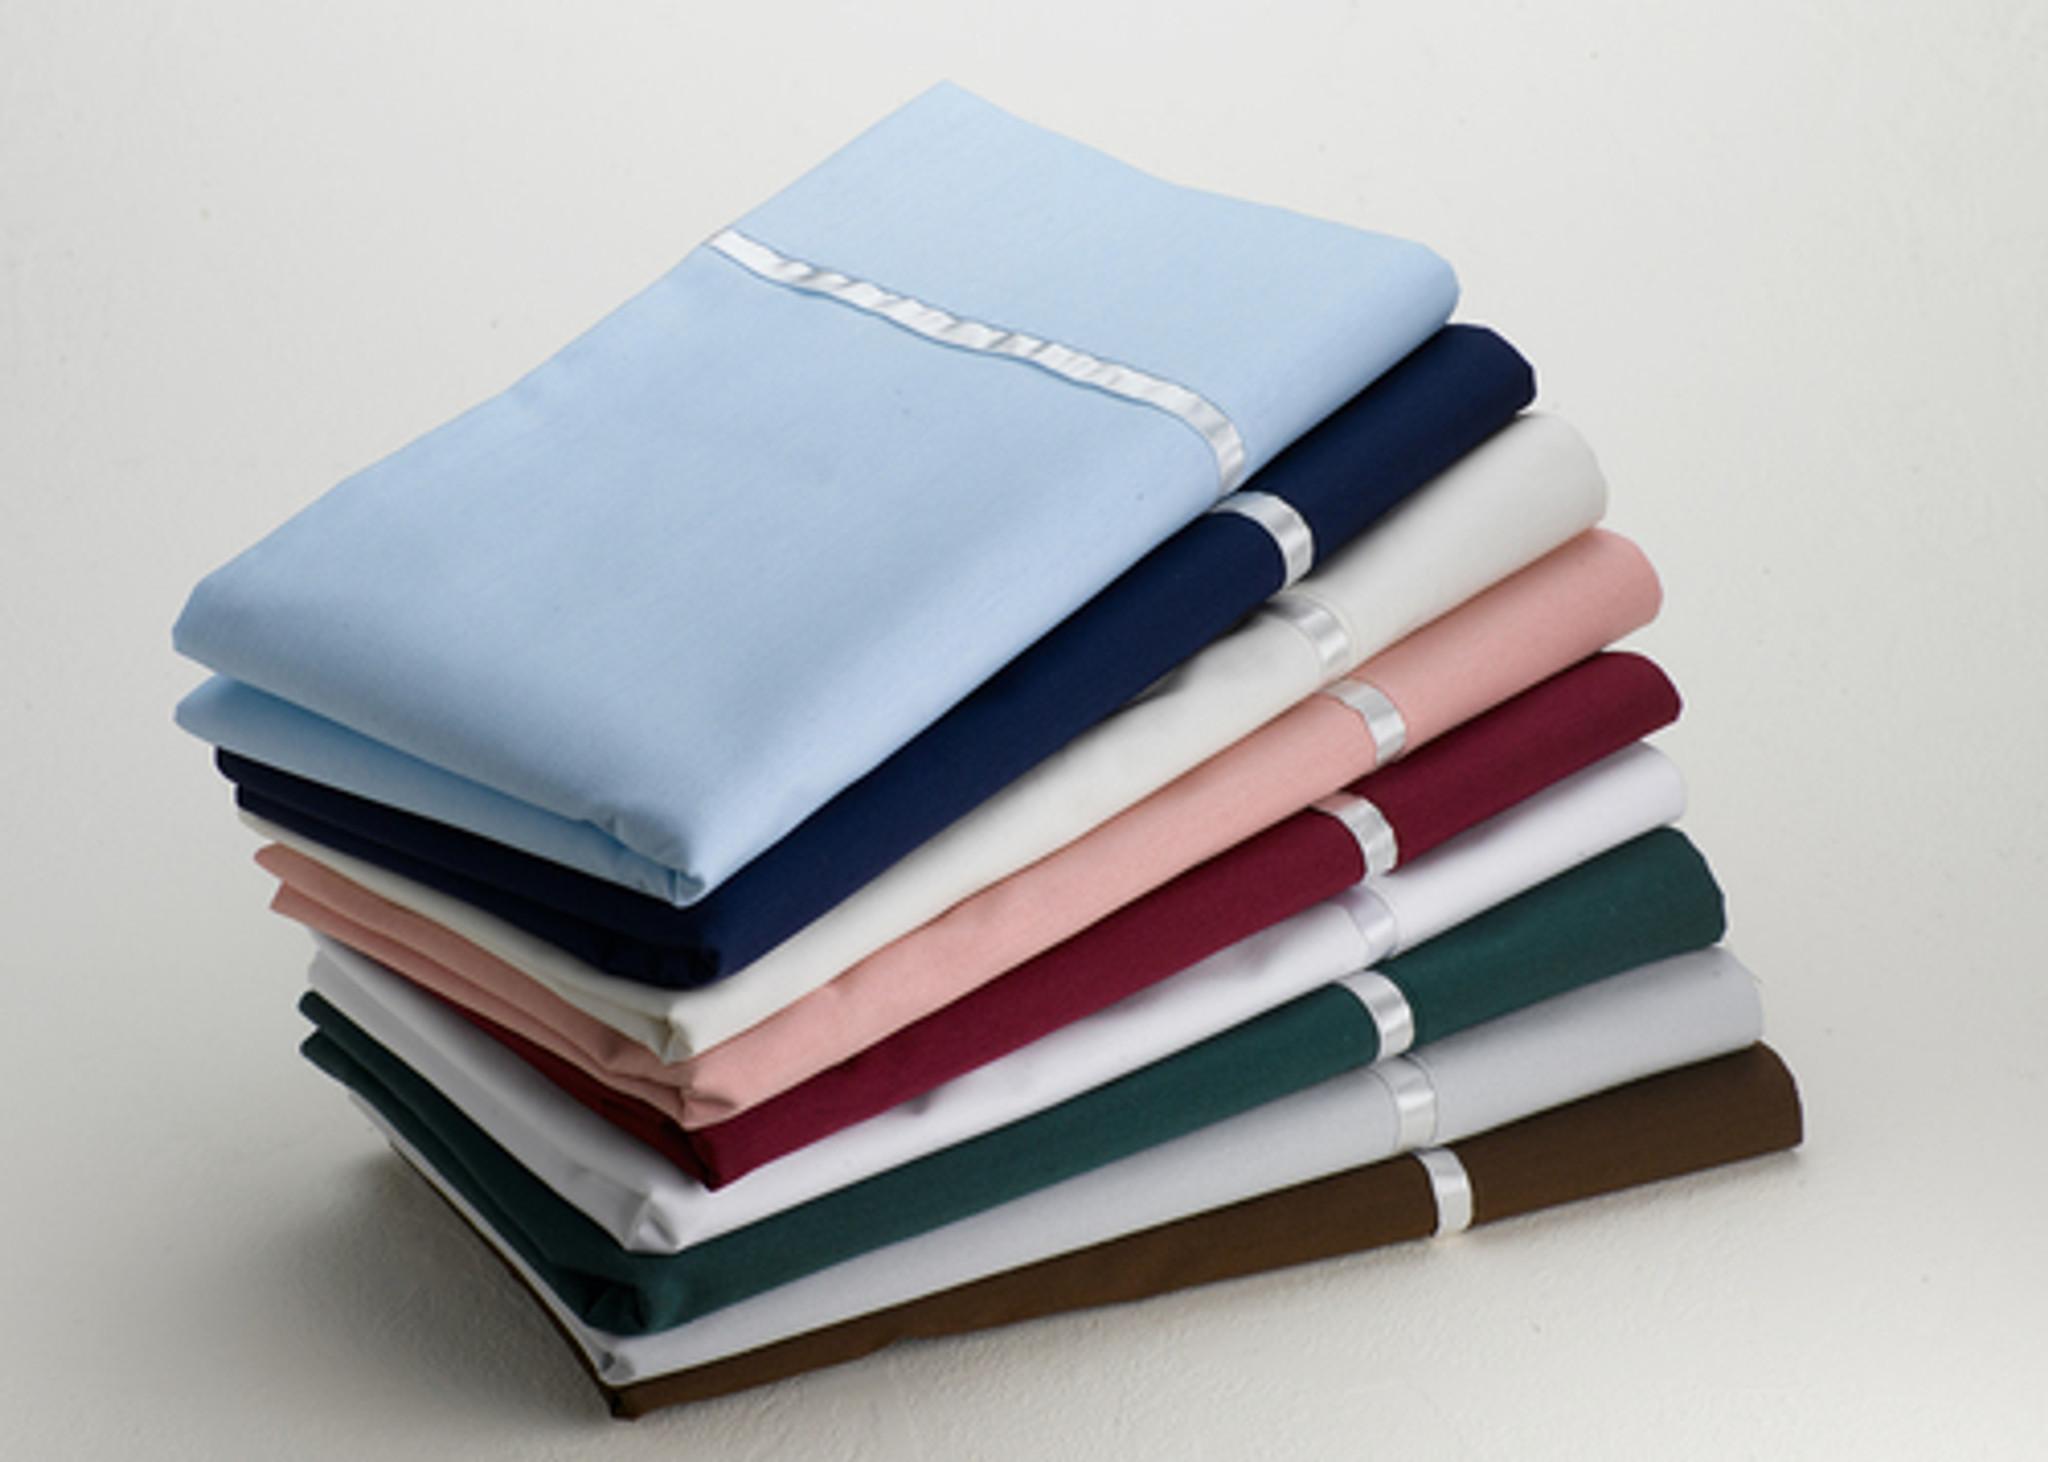 Sheet Sets for Adjustable Beds